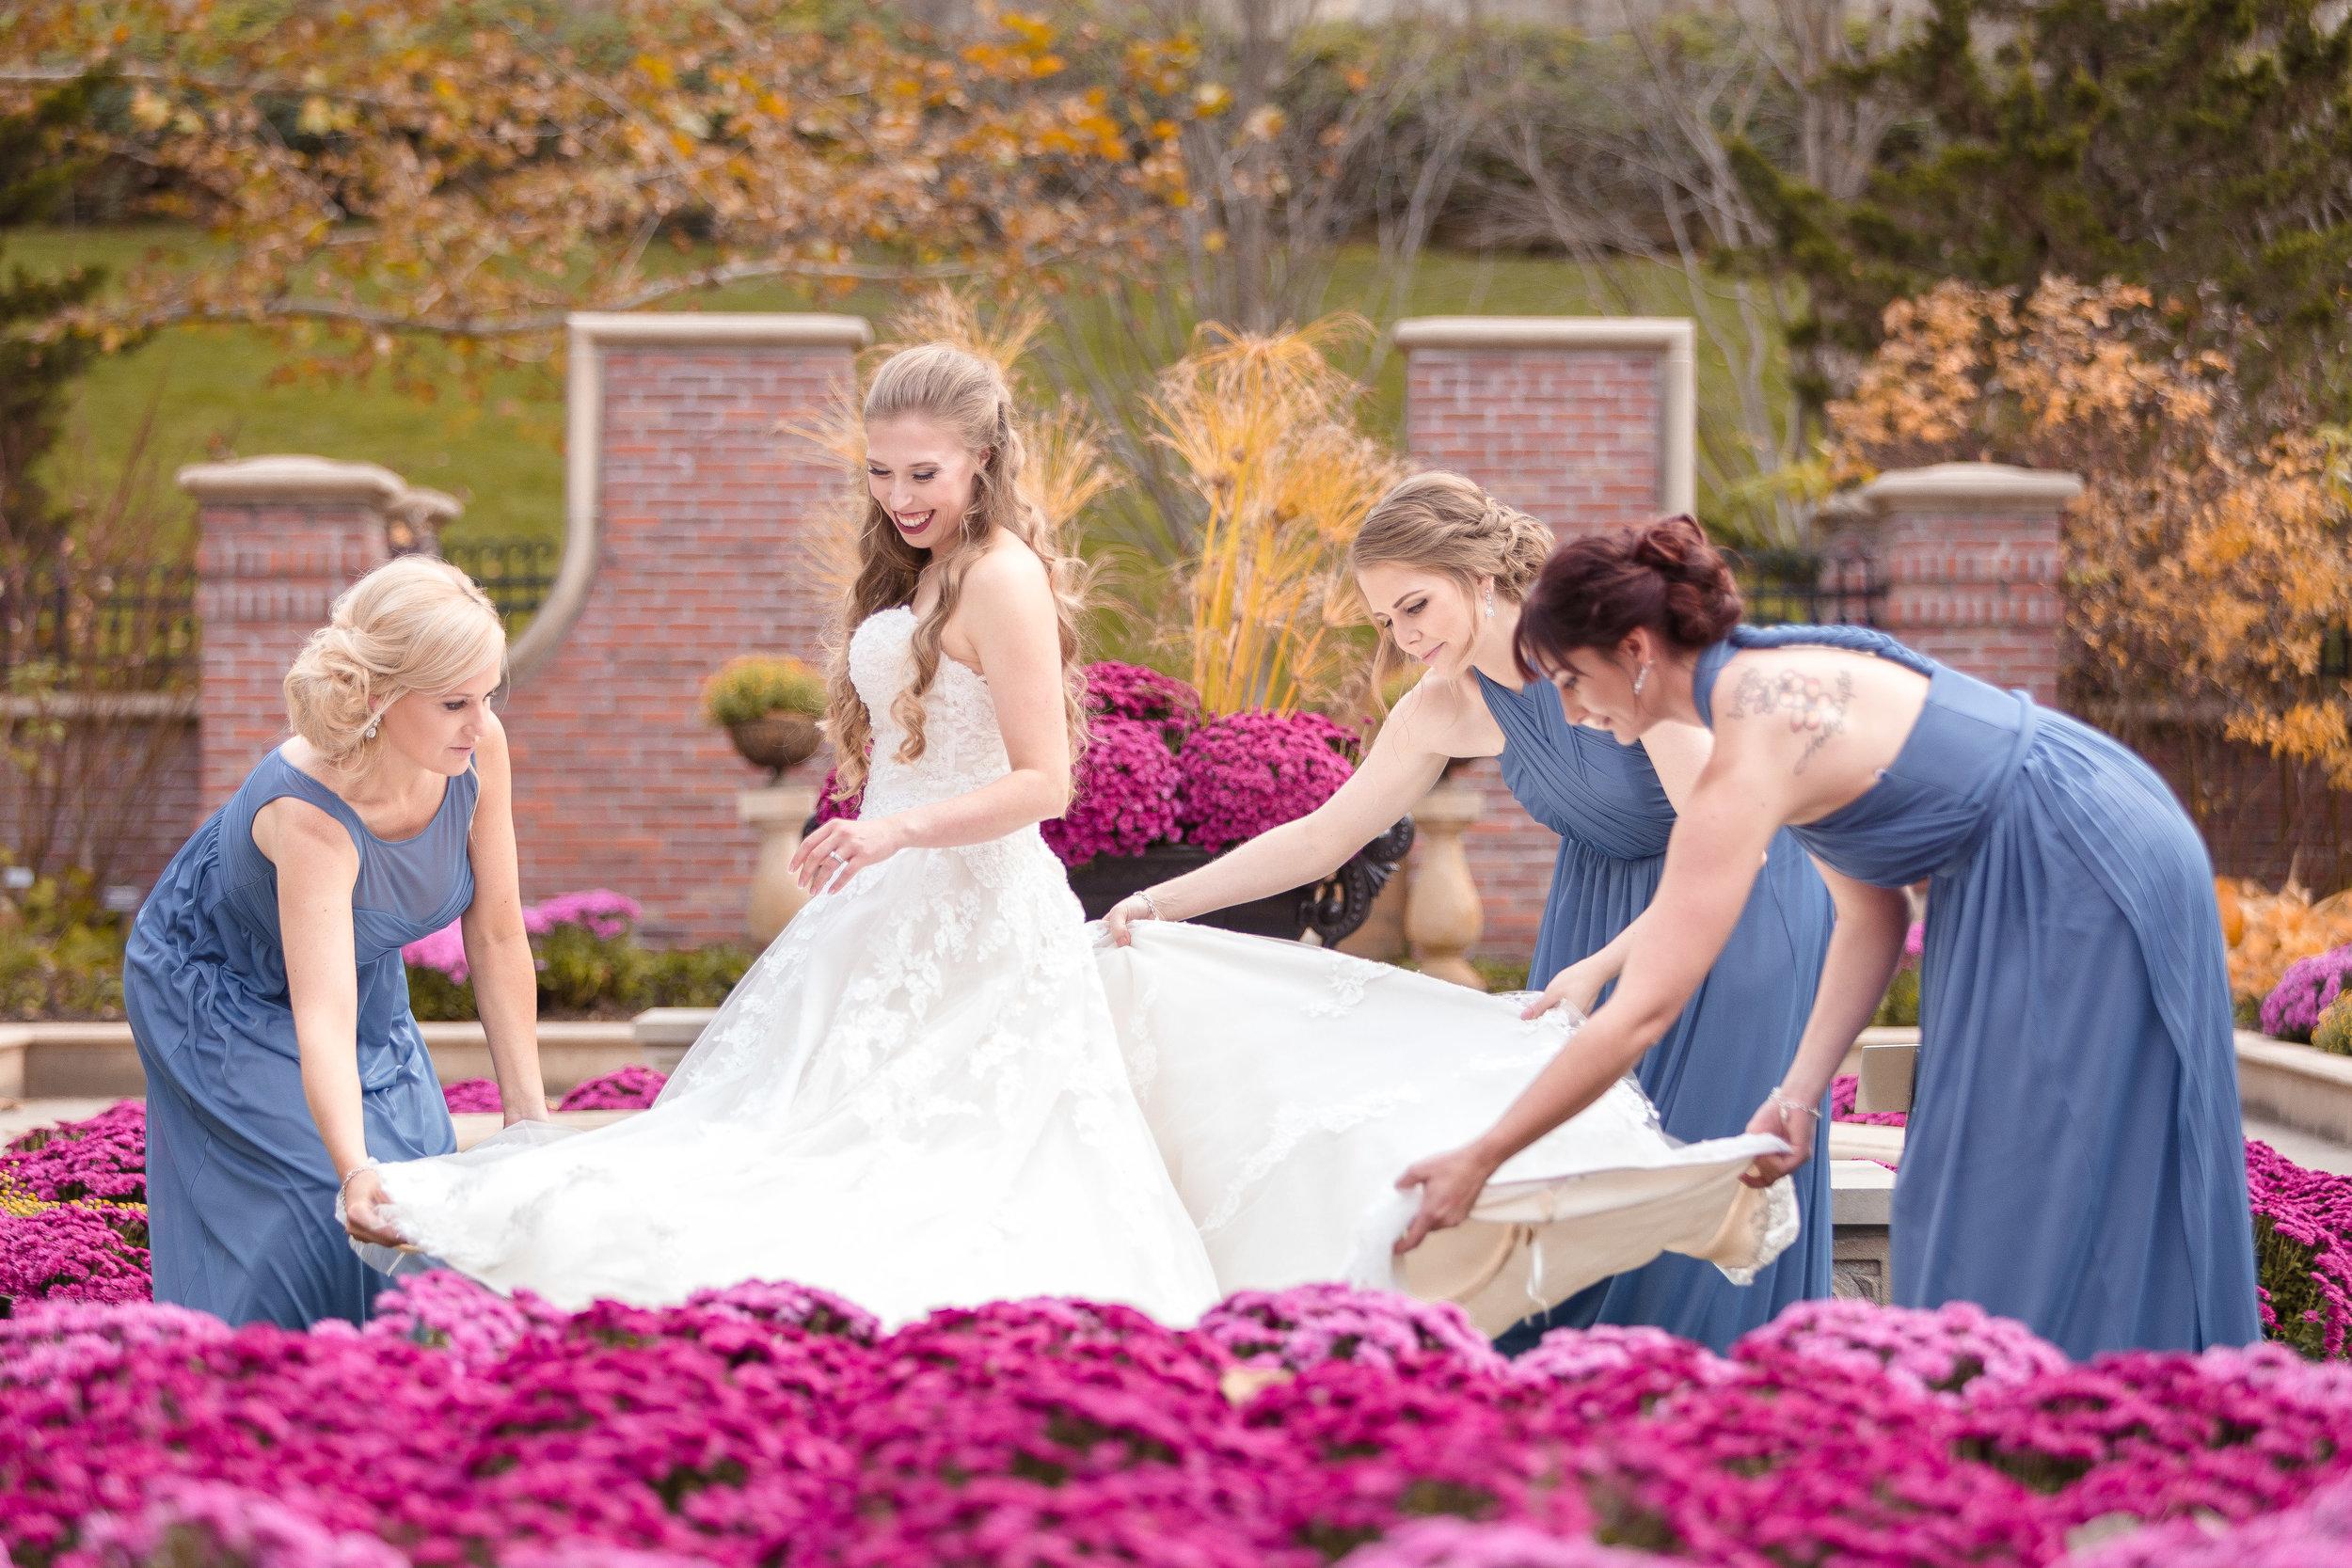 C_Wedding_Spellman, Megan & Tyler_10.27.18-920.JPG